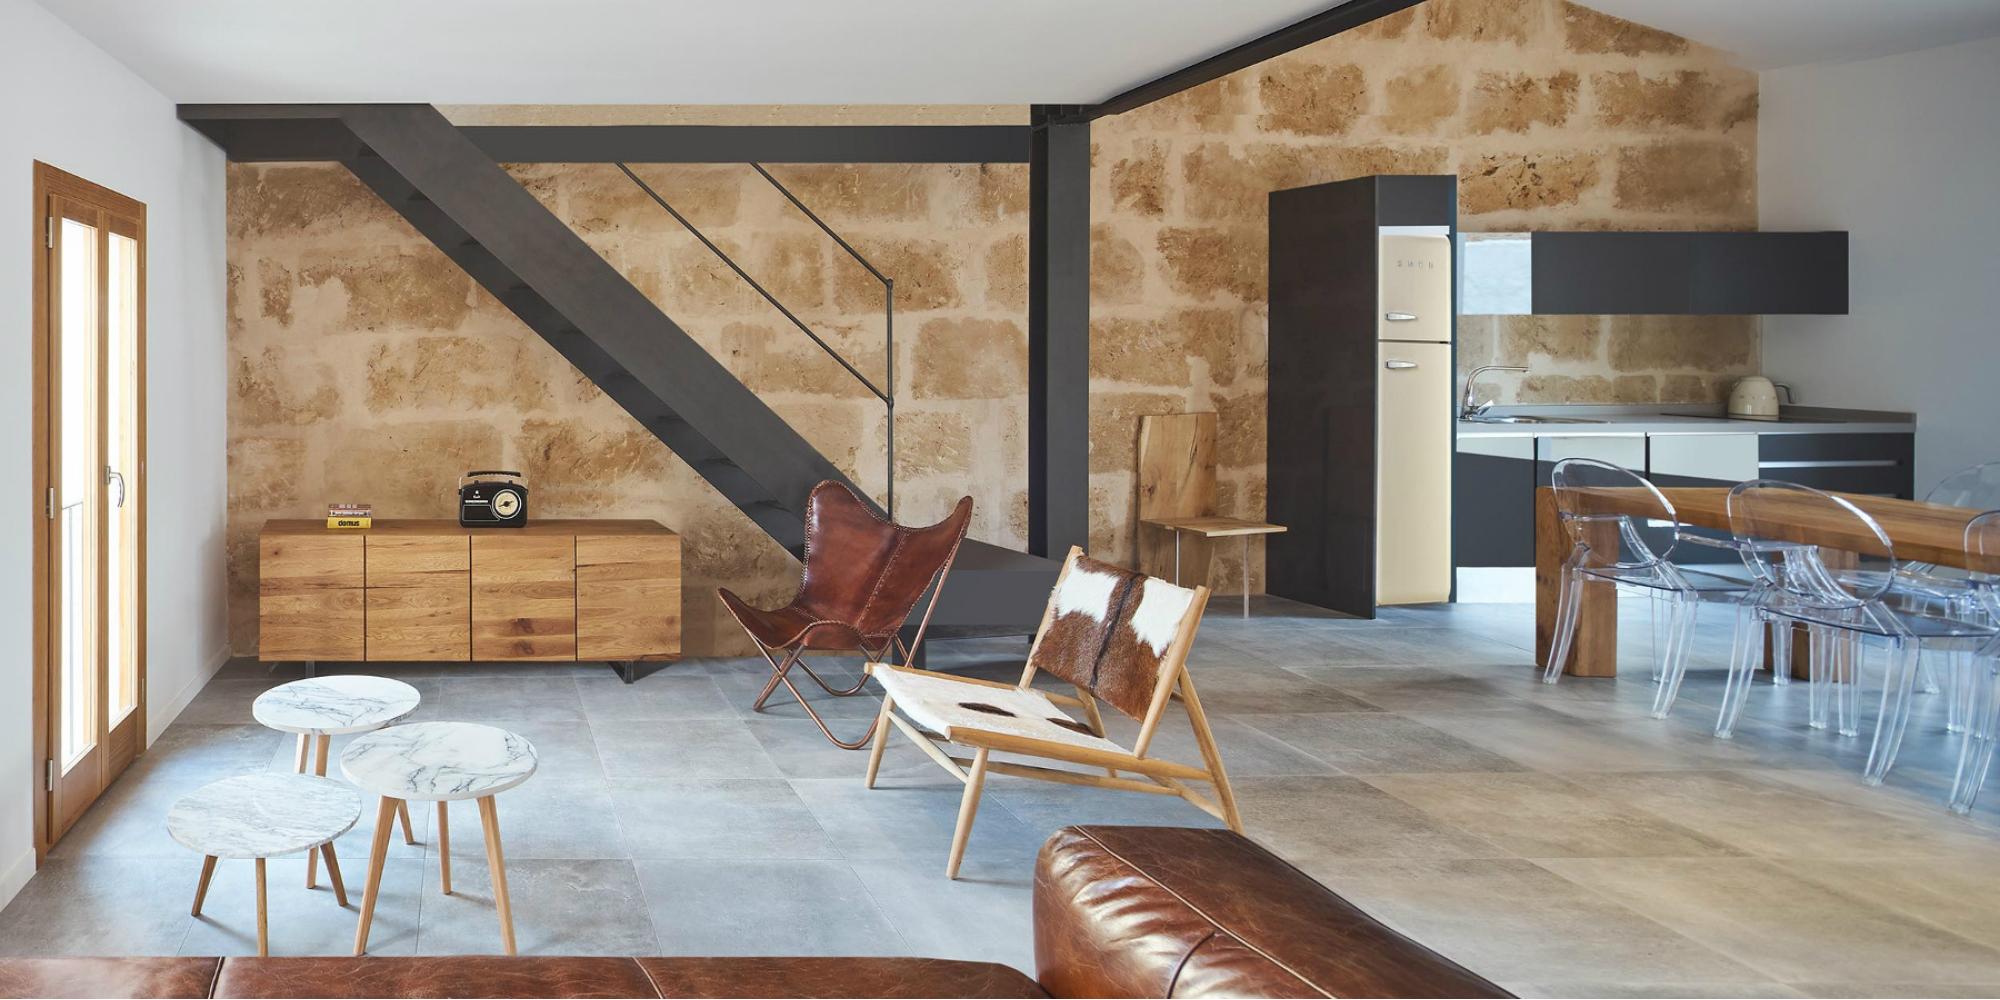 loft moderno Mira Este Increible Loft Moderno en Palma de Mallorca entre lo nuevo y lo viejo 436403193 1800x1200